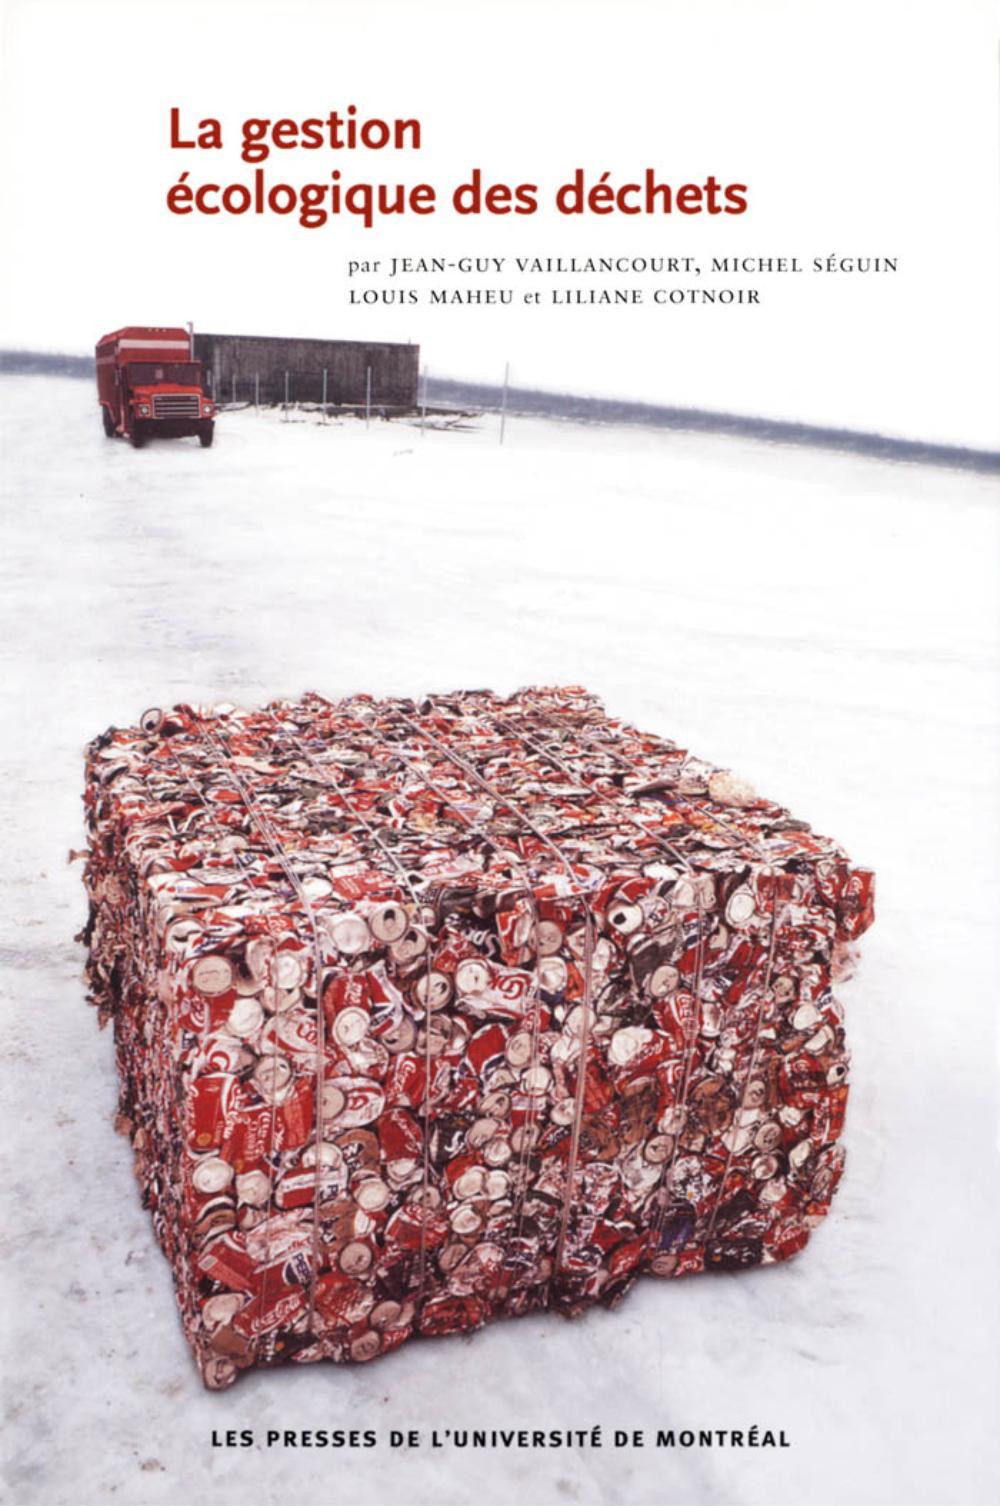 La gestion écologique des déchets